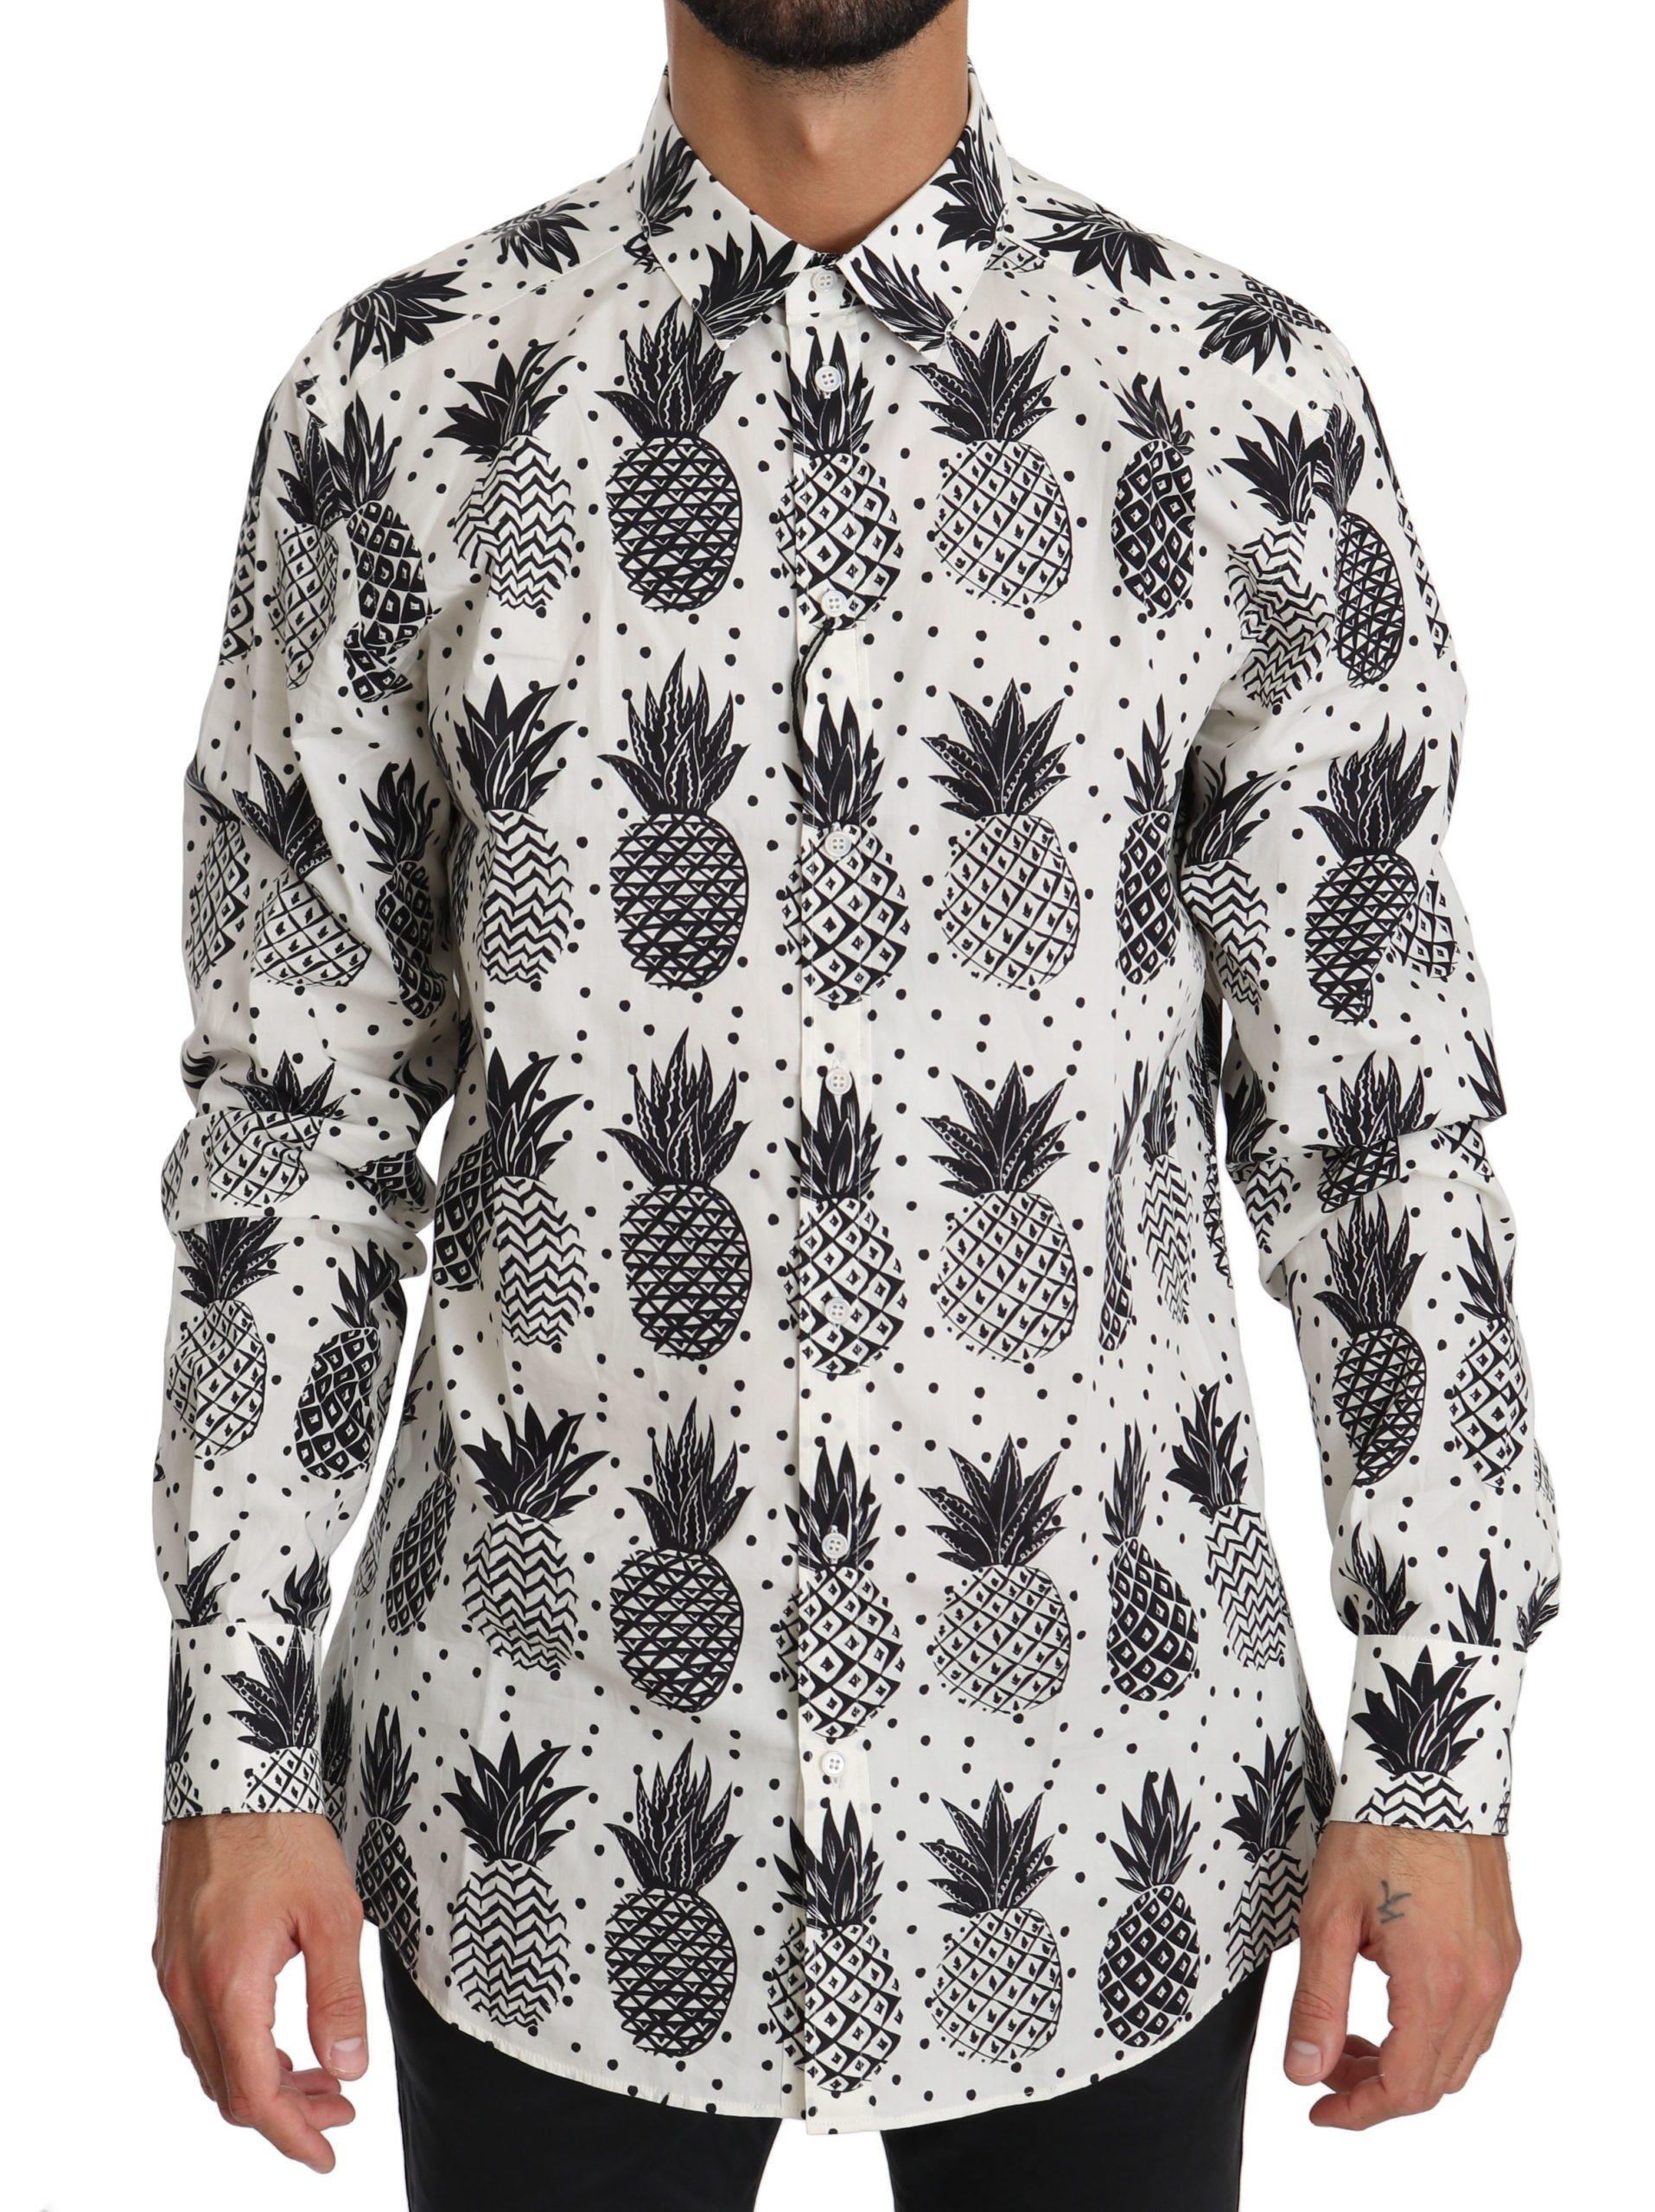 Dolce & Gabbana Men's Pineapple Cotton Shirt White TSH4007 - IT37   XS